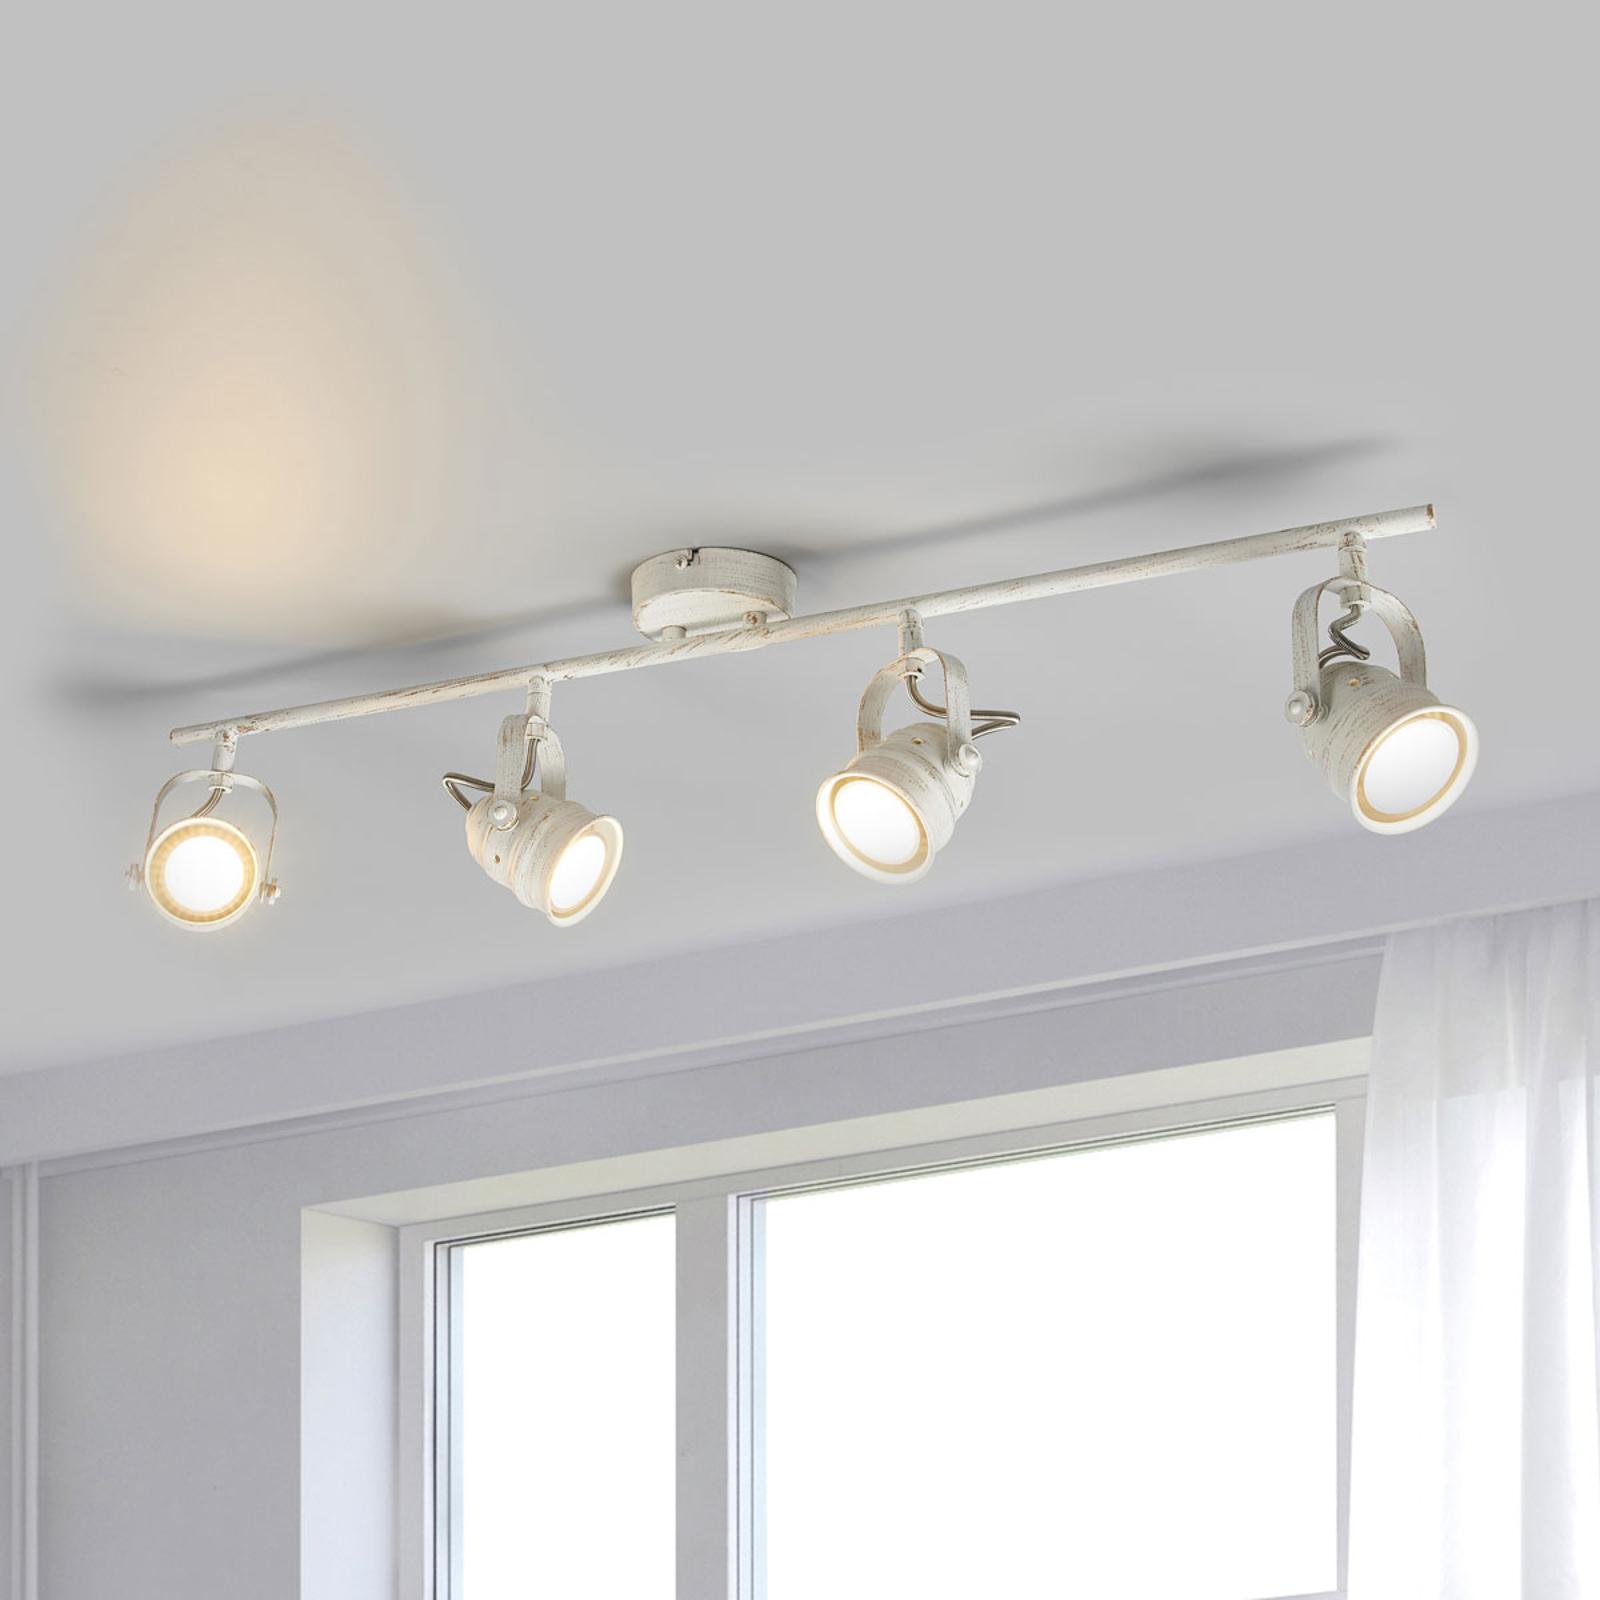 Valkoinen LED-katovalaisin Leonor, GU10